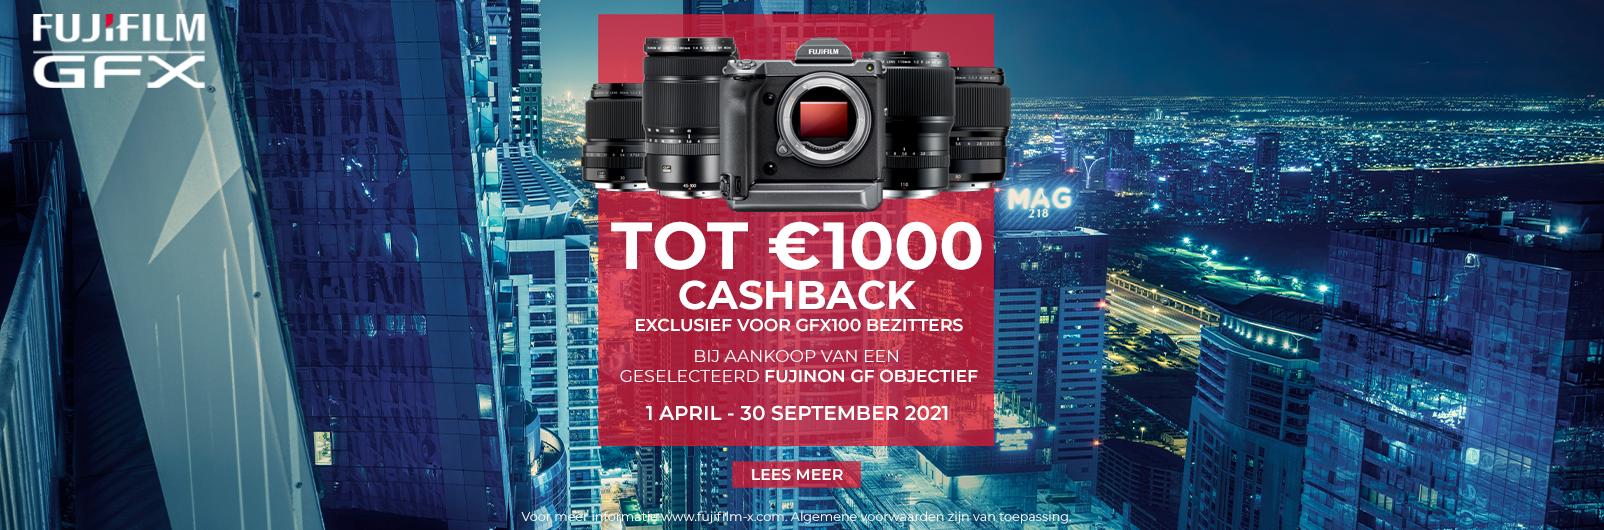 Fujifilm GFX100 Promo